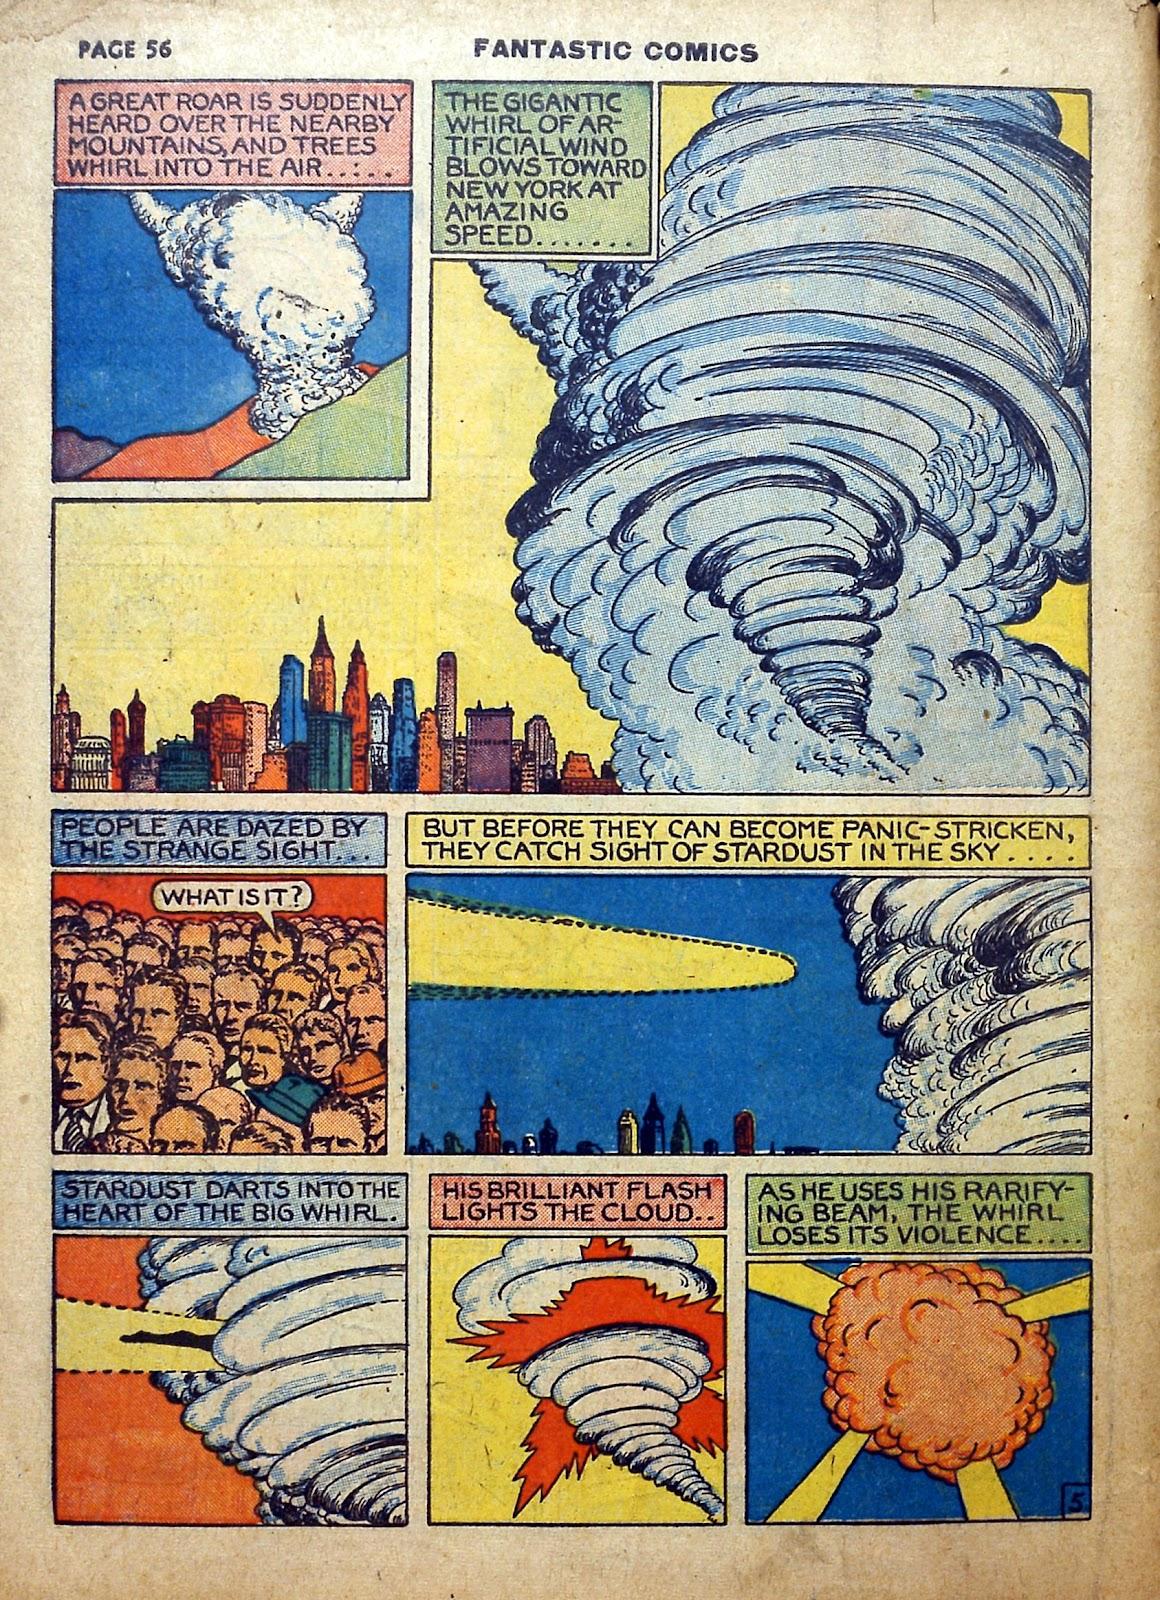 Read online Fantastic Comics comic -  Issue #5 - 57